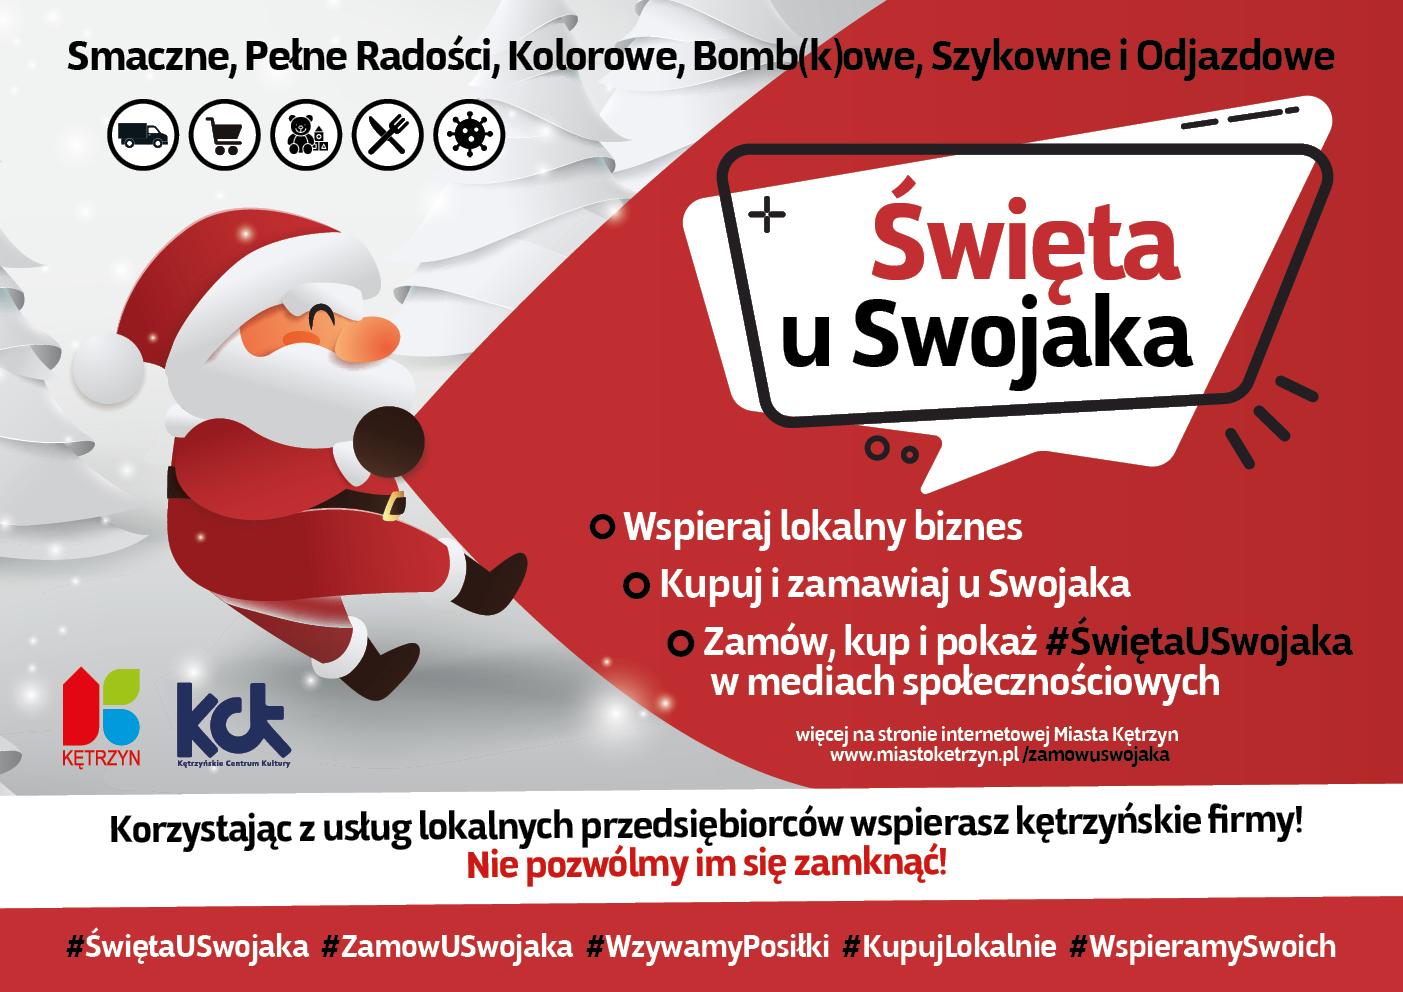 Obrazek przedstawia biało-czerwoną grafikę świąteczną na której znajduje się święty mikołaj ciągnący worek. Na grafice umieszczono tekst następującej treści: Smaczne, Pełne Radości, Kolorowe, Bomb (k)owe, Szykowne i Odjazdowe Święta u Swojaka Wspieraj lokalny biznes Kupuj i zamawiaj u Swojaka Zamów, kup i pokaż #ŚwiętaUSwojaka w mediach społecznościowych. Korzystając z usług lokalnych przedsiębiorców wspierasz kętrzyńskie firmy! Nie pozwólmy im się zamknąć! Hashtagi: #ŚwiętaUSwojaka #ZamowUSwojaka #WzywamyPosiłki #KupujLokalnie #WspieramySwoich. Na grafice umieszczono też logo Miasta Kętrzyn oraz Kętrzyńskiego Centrum Kultury.